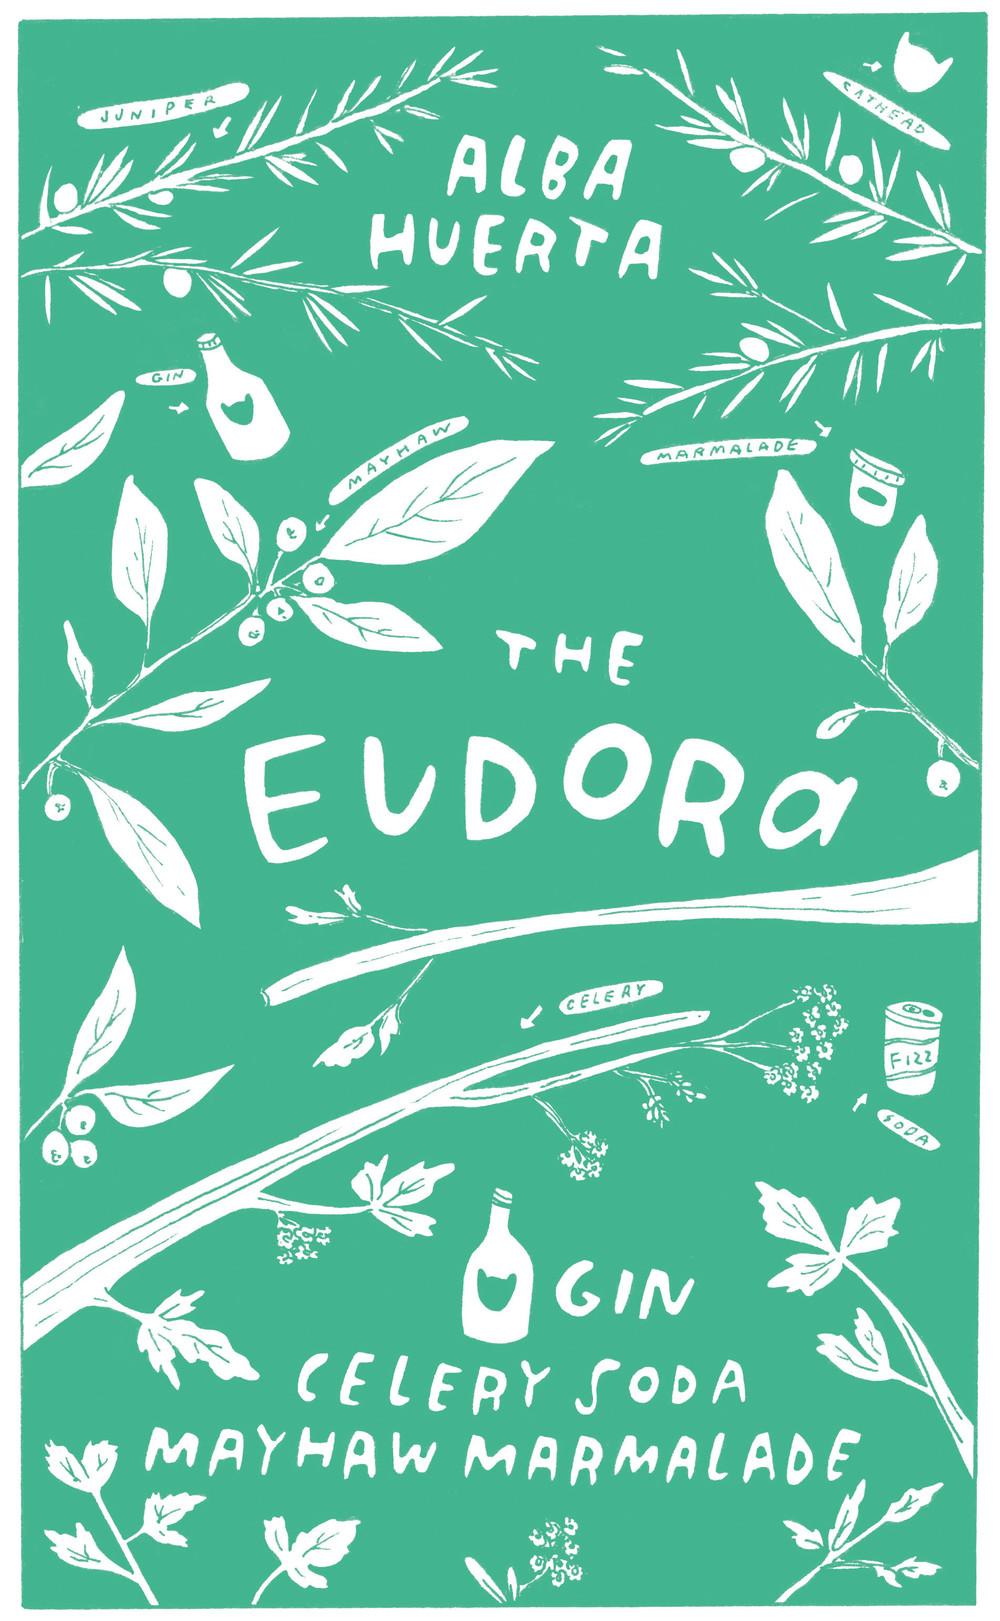 The Eudora